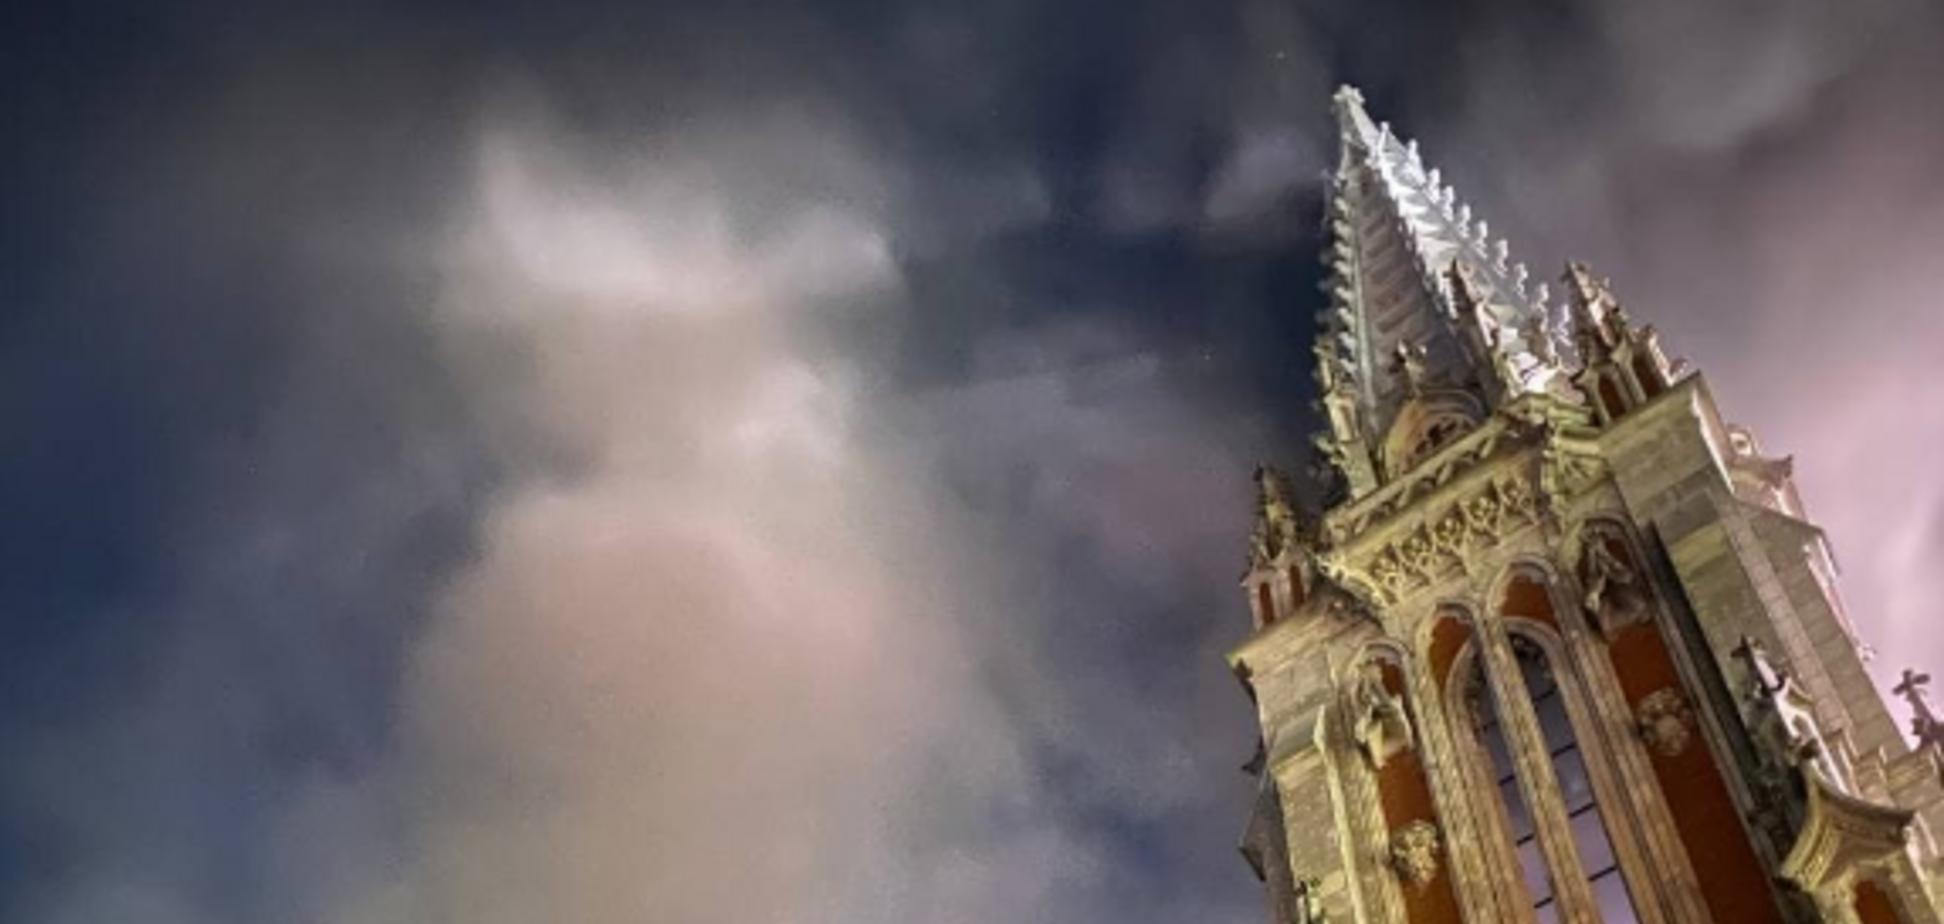 Пожежа в костелі Святого Миколая: католикам потрібна підтримка